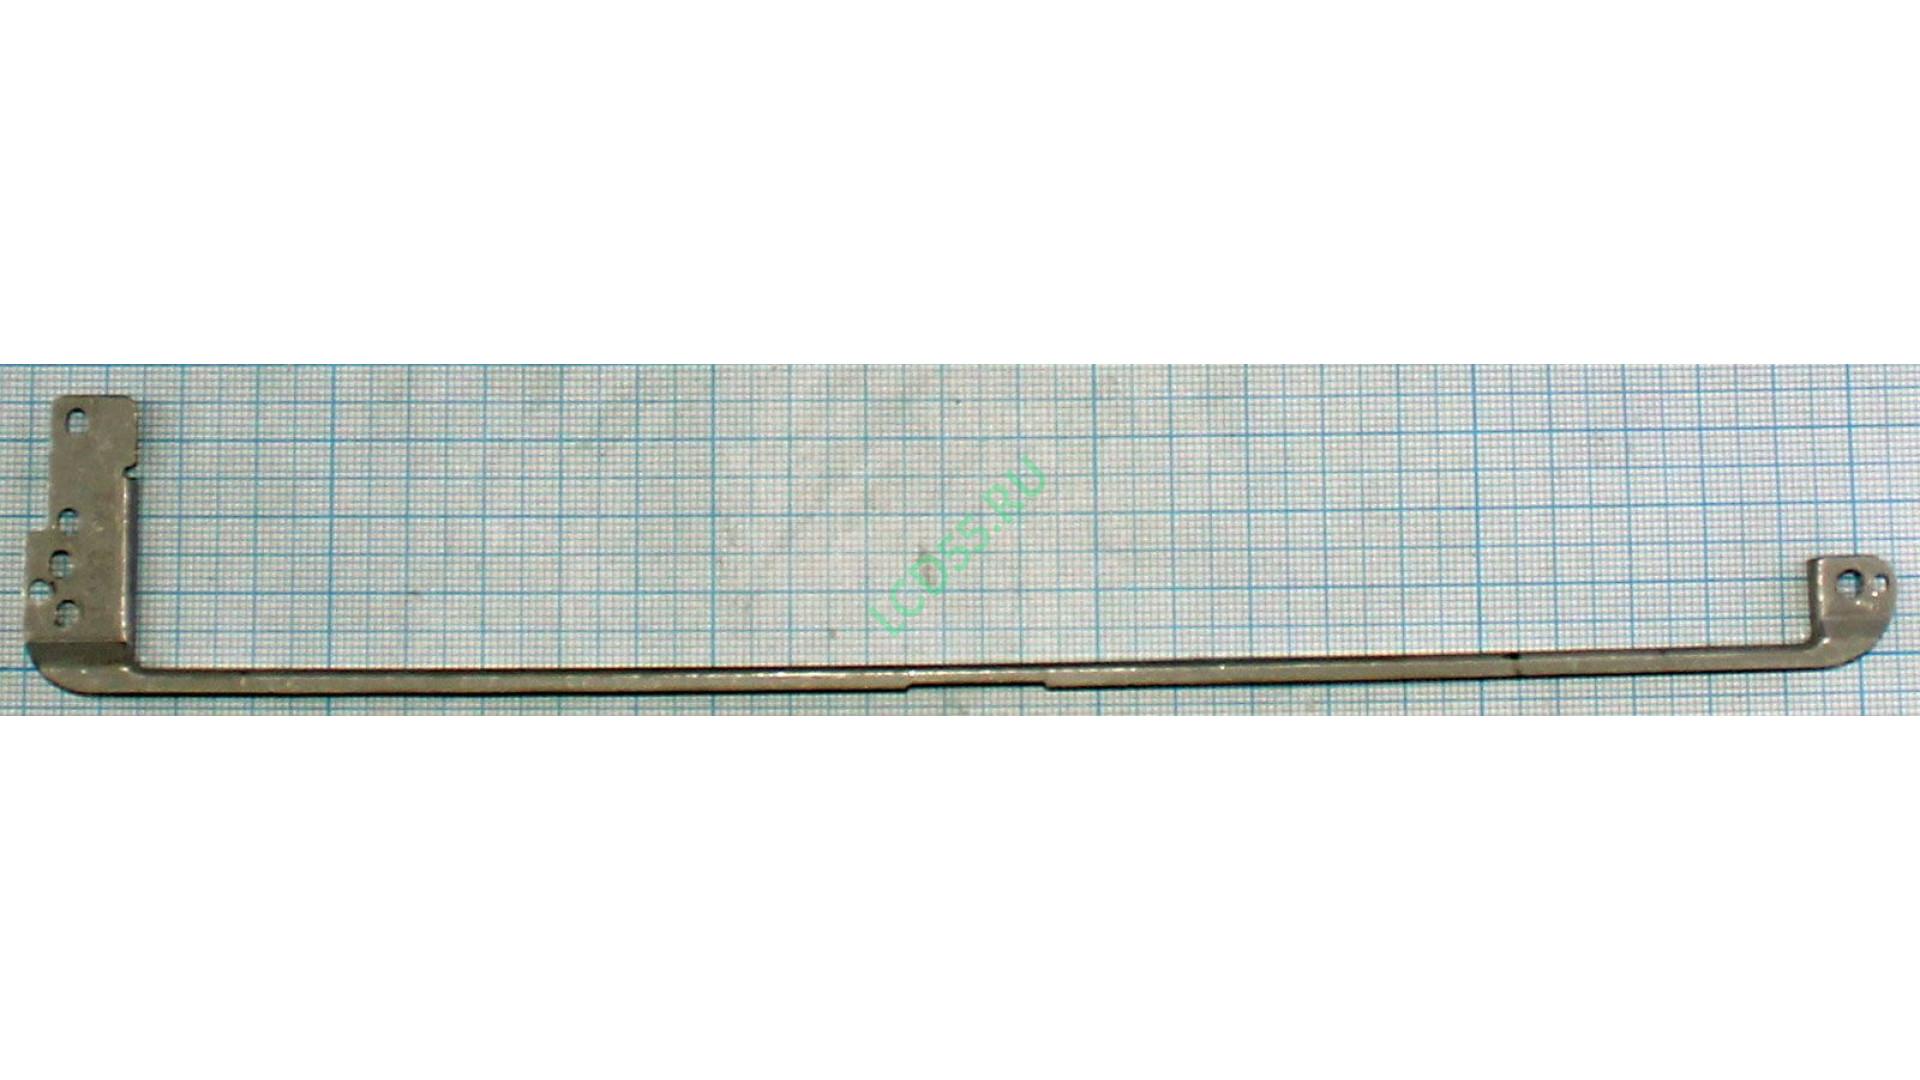 Брекет правый Compaq Presario CQ60 (33.4AH09.001)